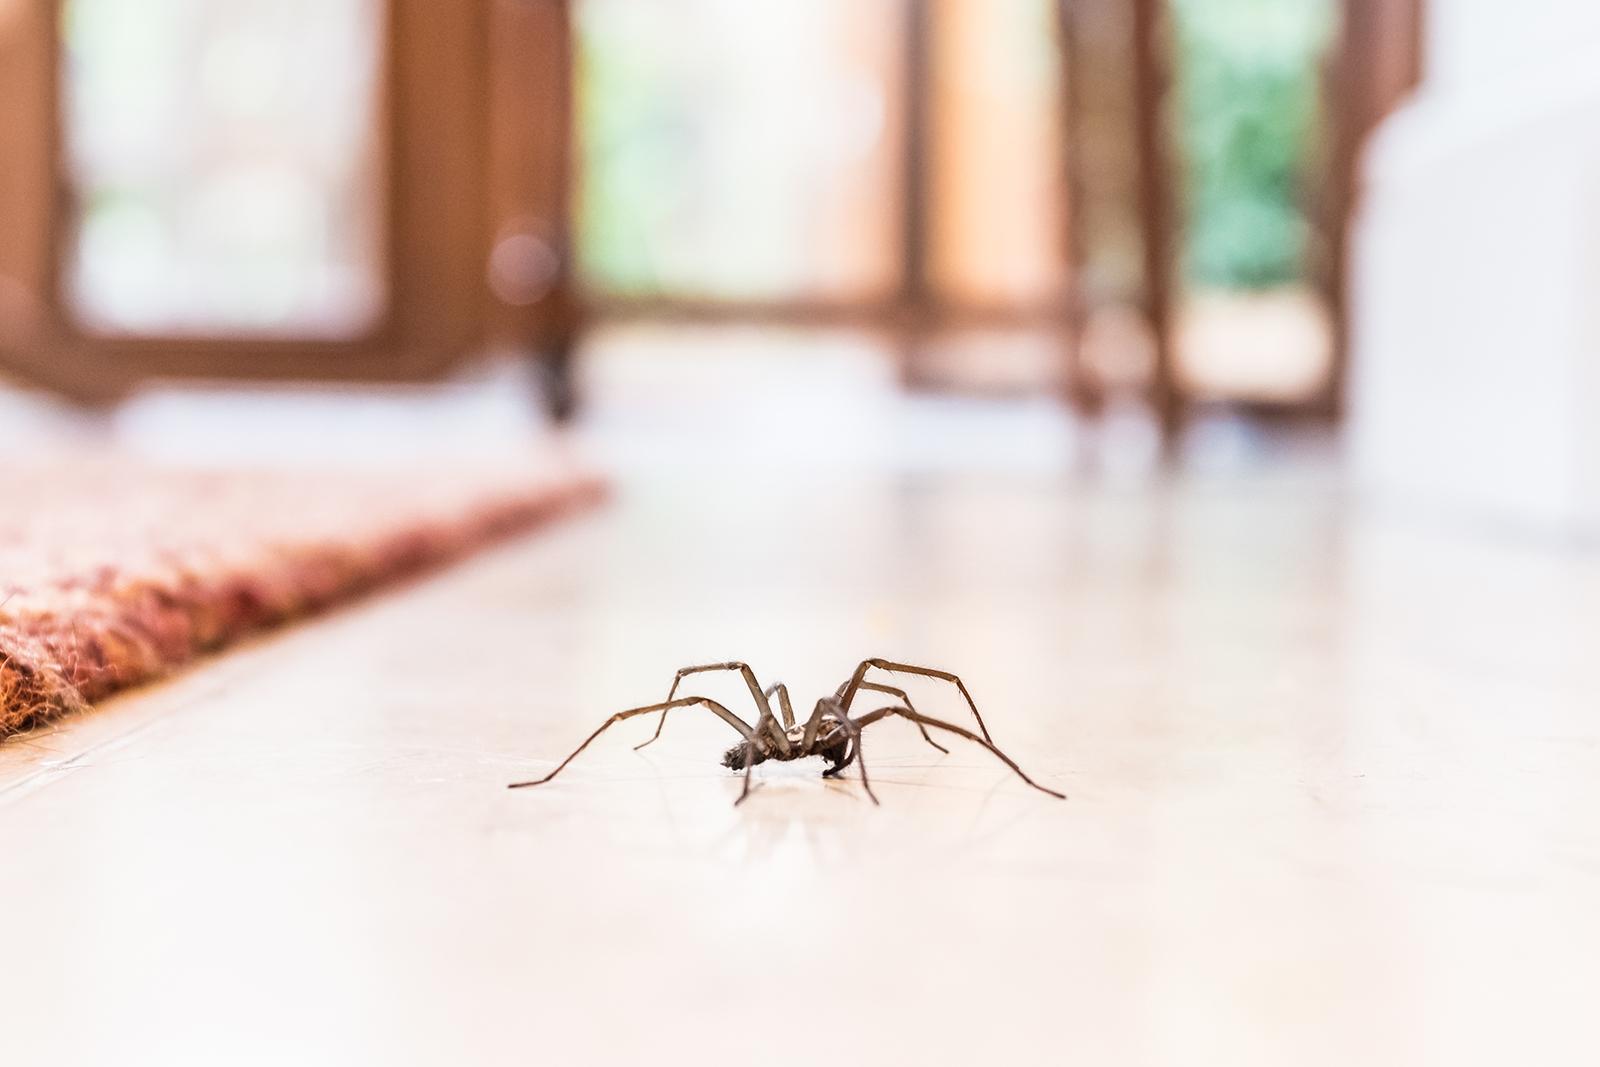 Arachnophobie: Was tun bei Angst vor Spinnen? Tipps & Infos